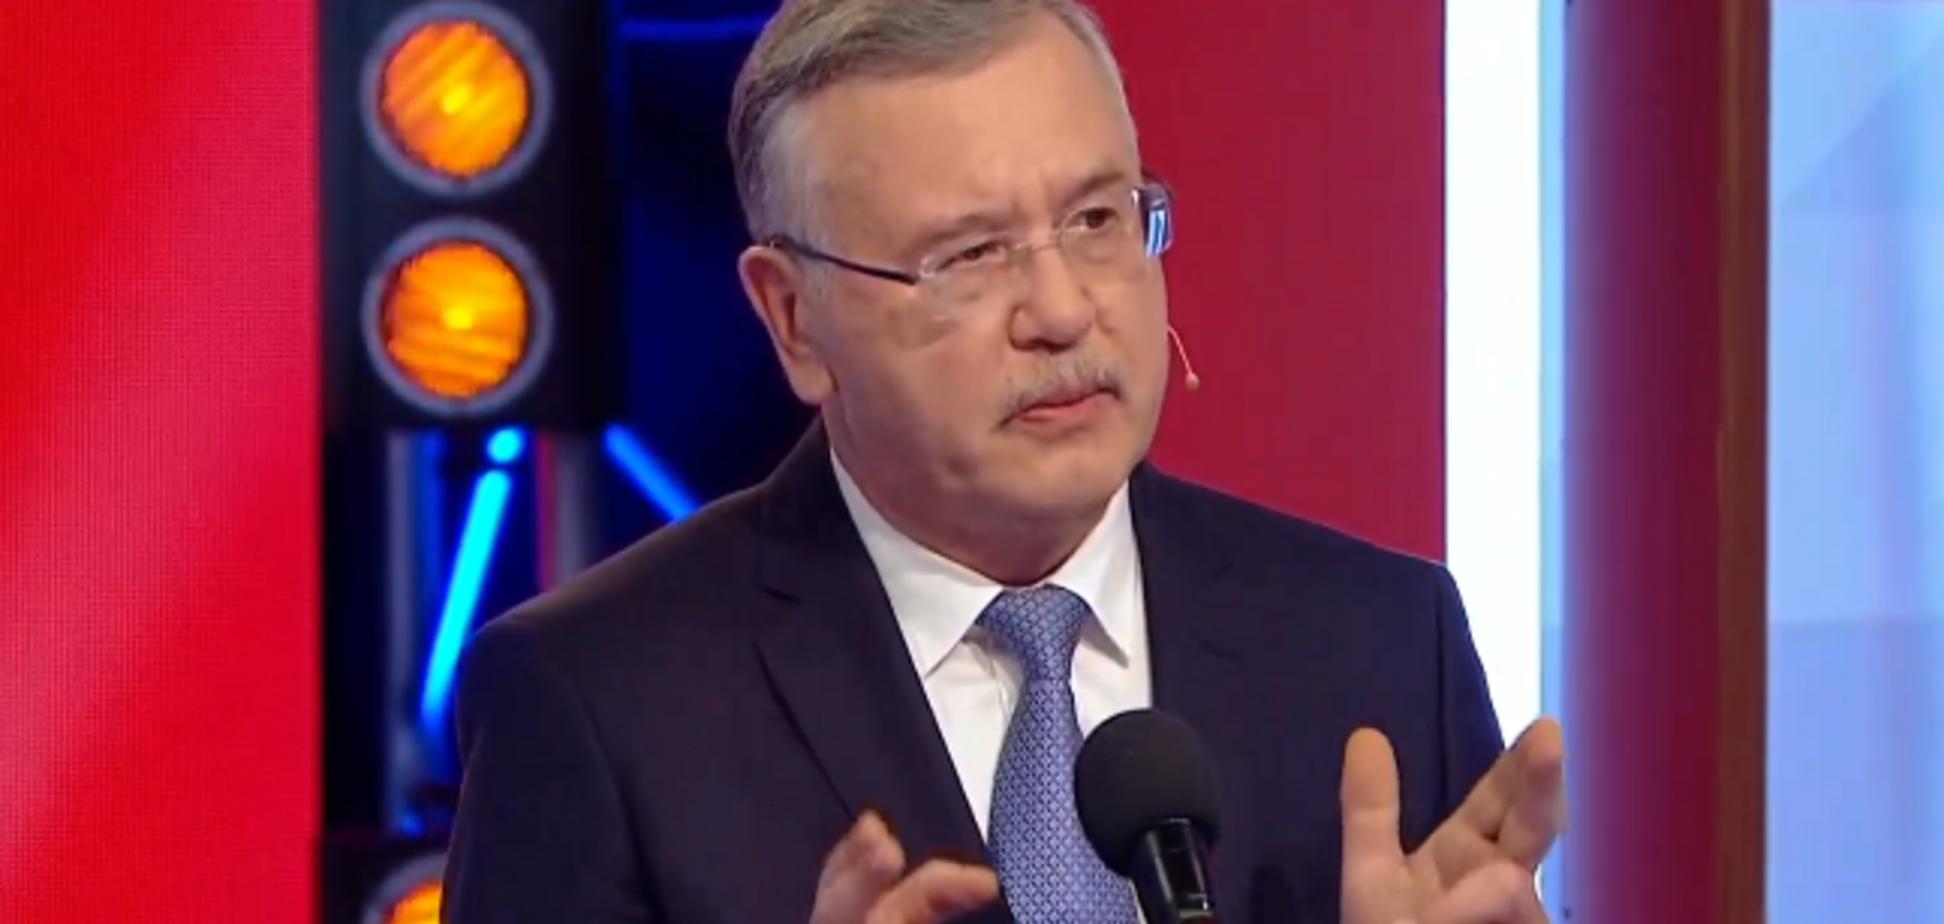 Будут арестованы: Гриценко жестко предупредил народных депутатов